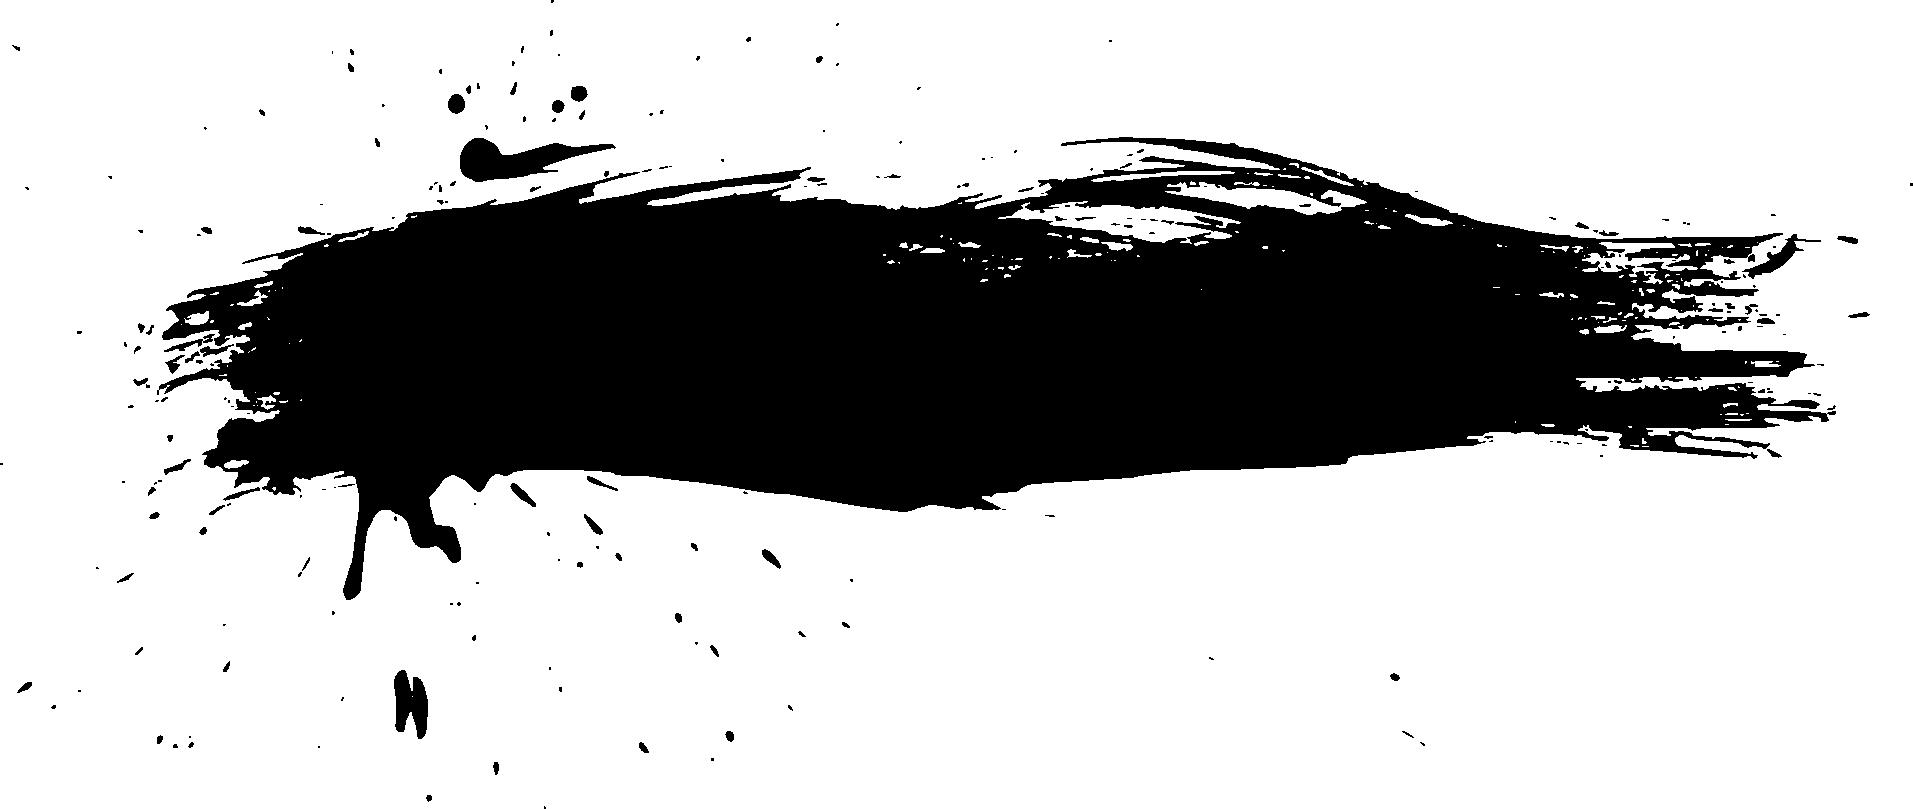 16 grunge banner  png transparent  onlygfx com grunge blood splatter vector Adobe Illustrator Grunge Splat